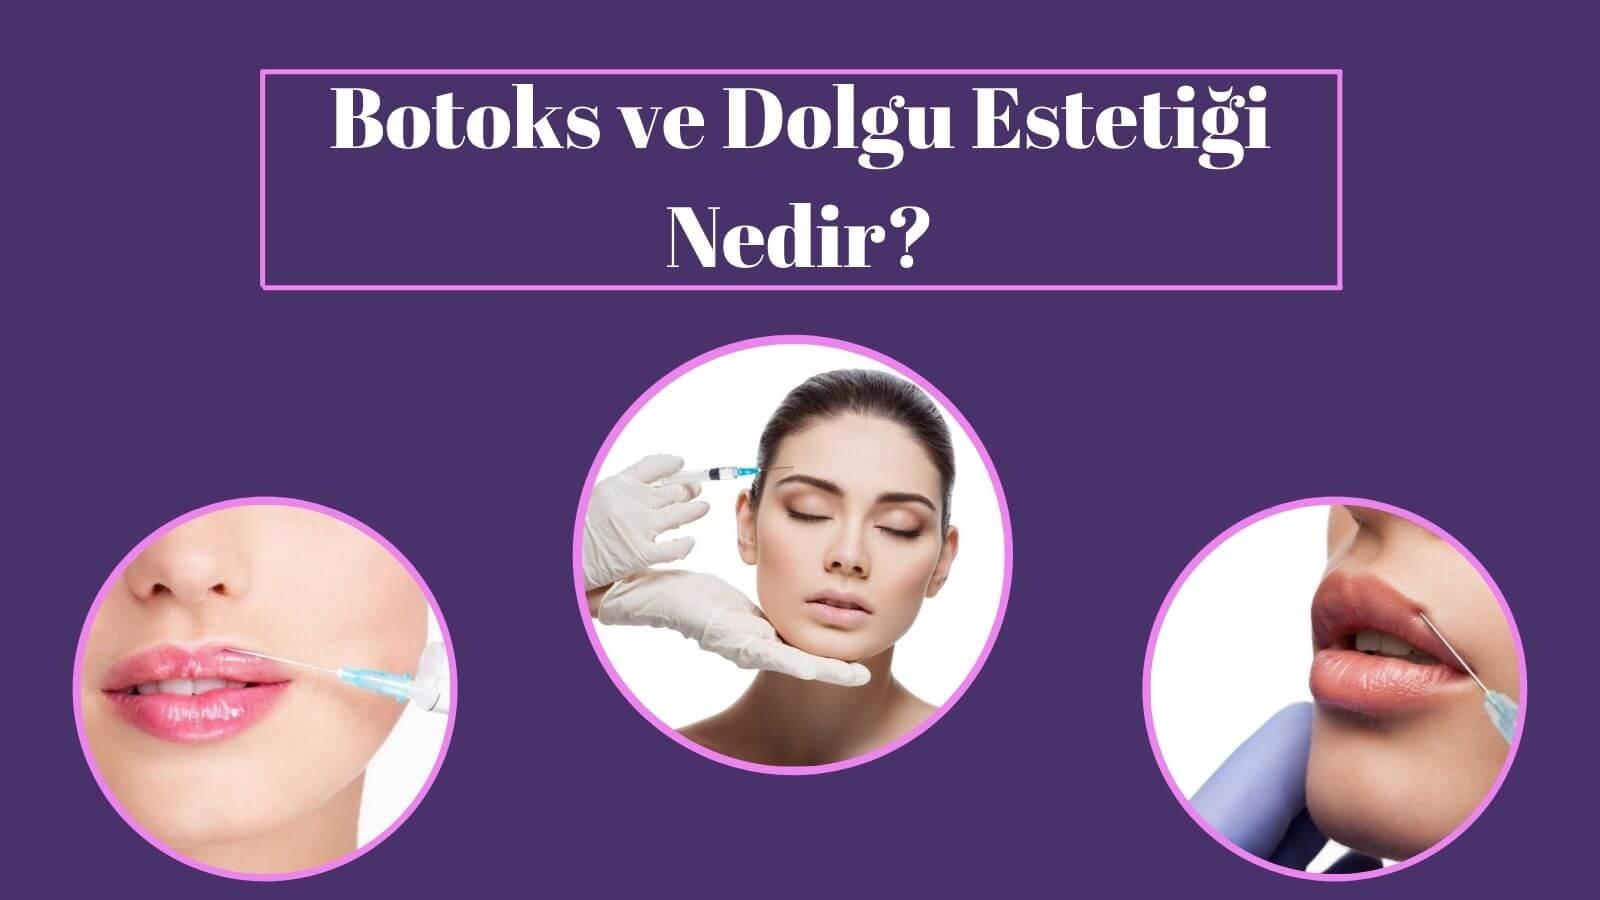 Botoks ve Dolgu Estetiği